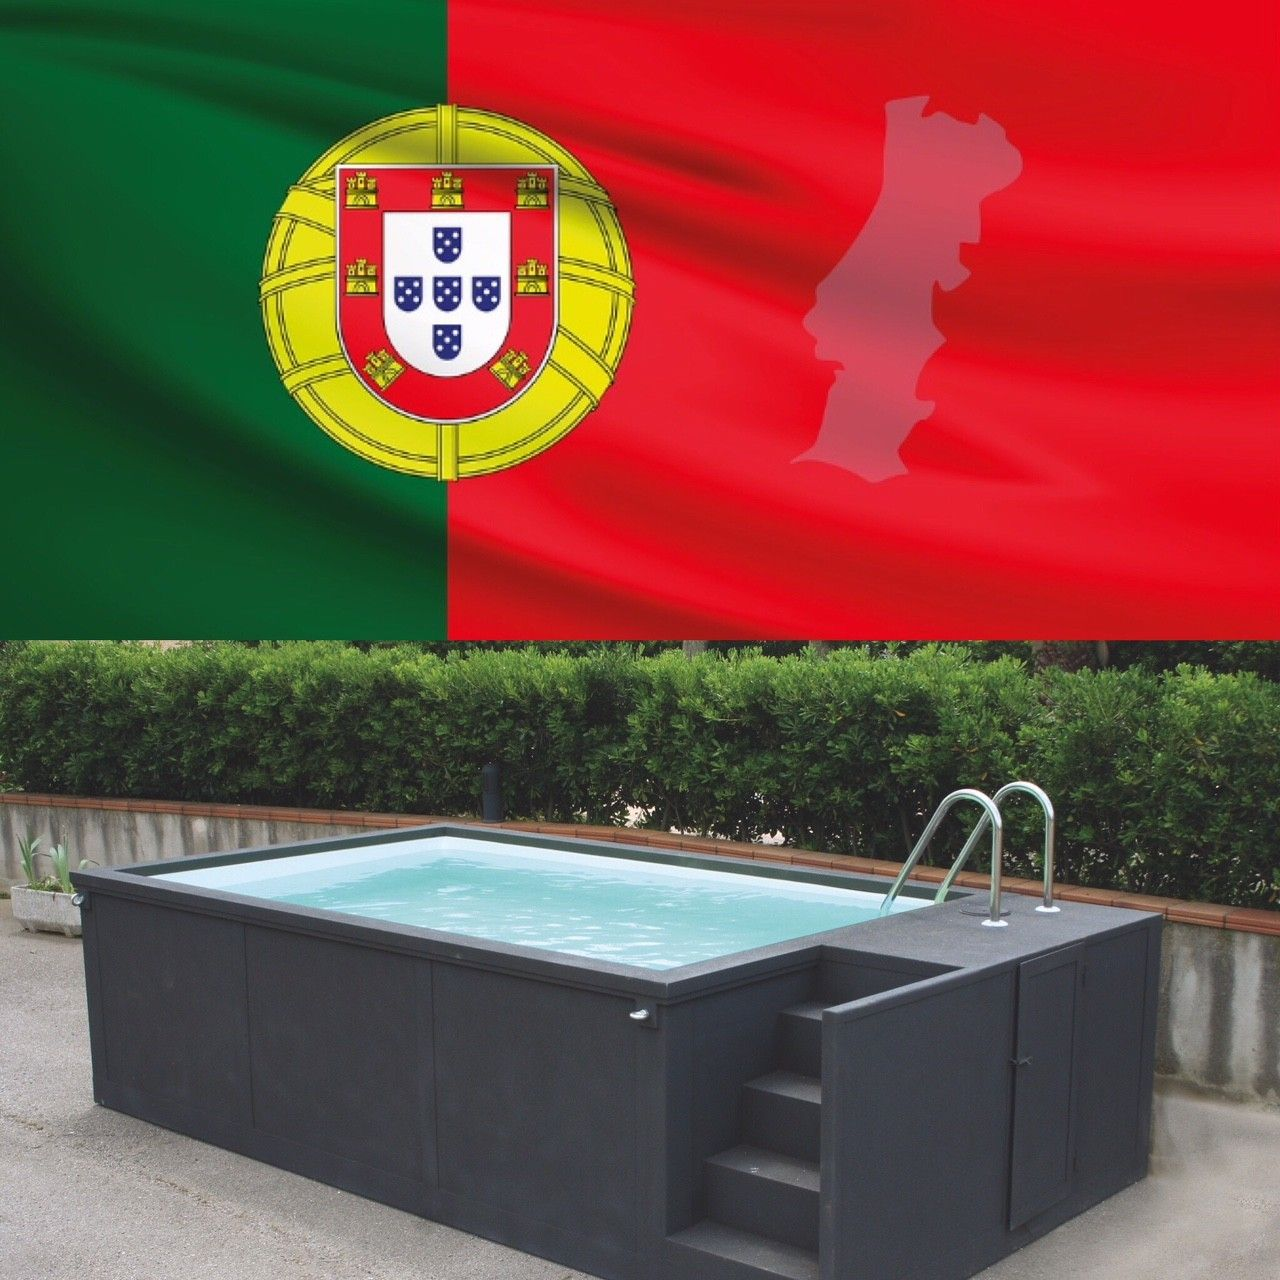 Piscine Hors Sol Portugal portugal acheter piscine container résistance : piscine